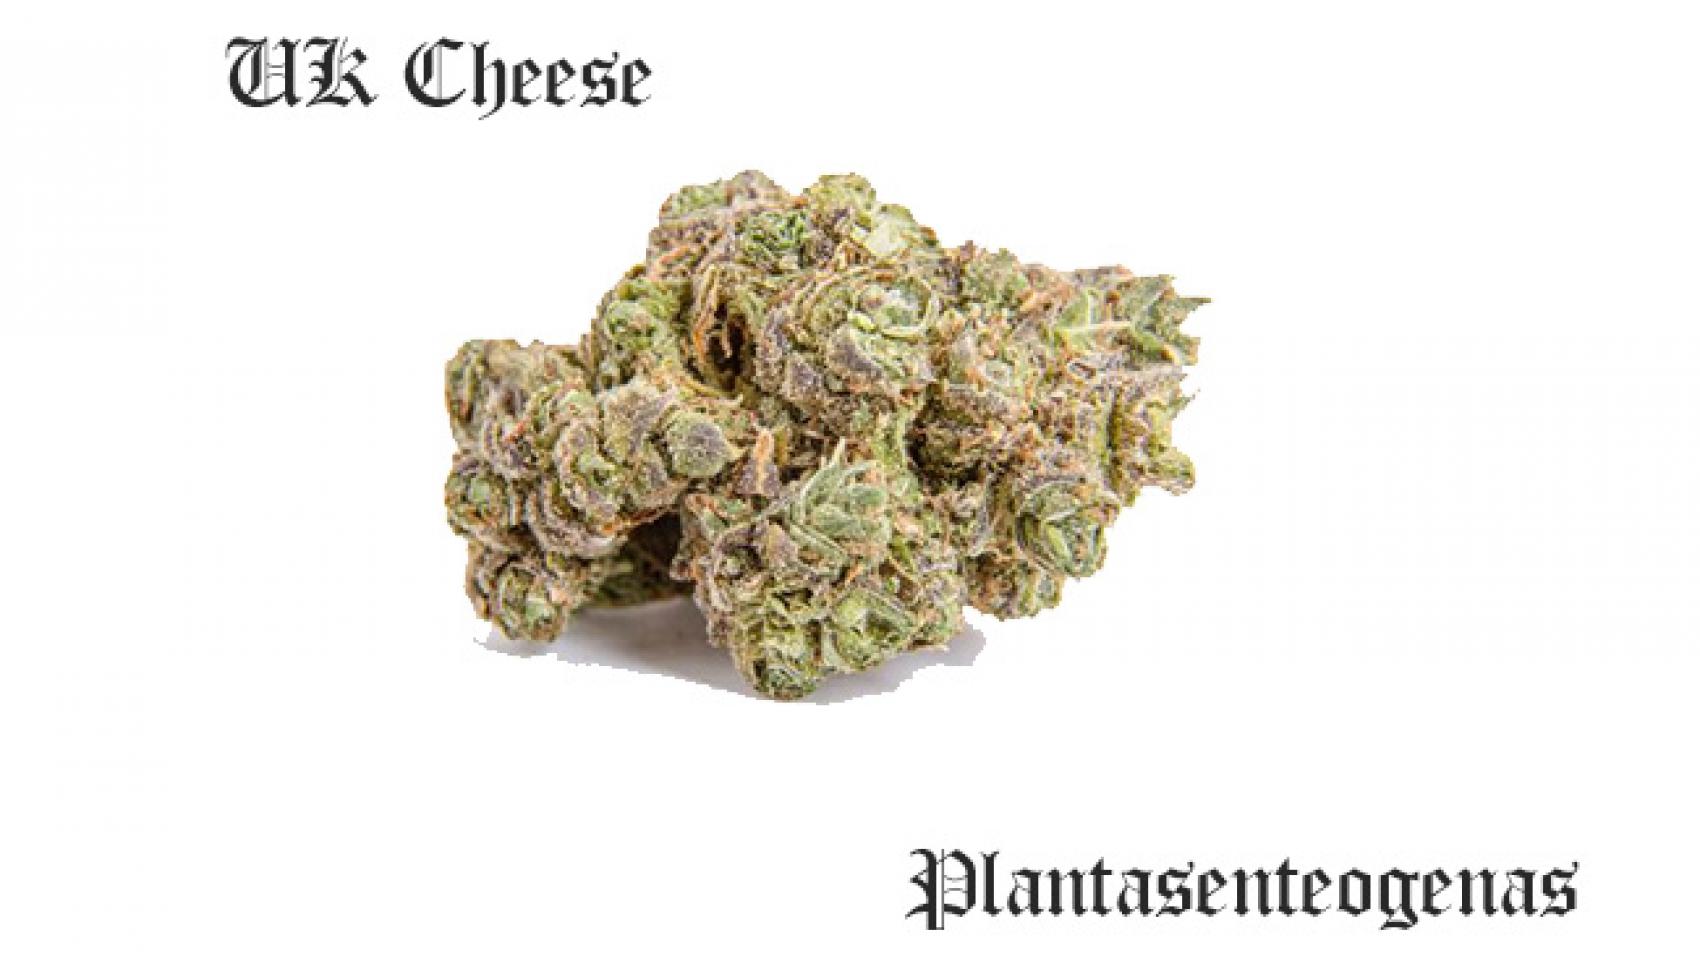 UK Cheese